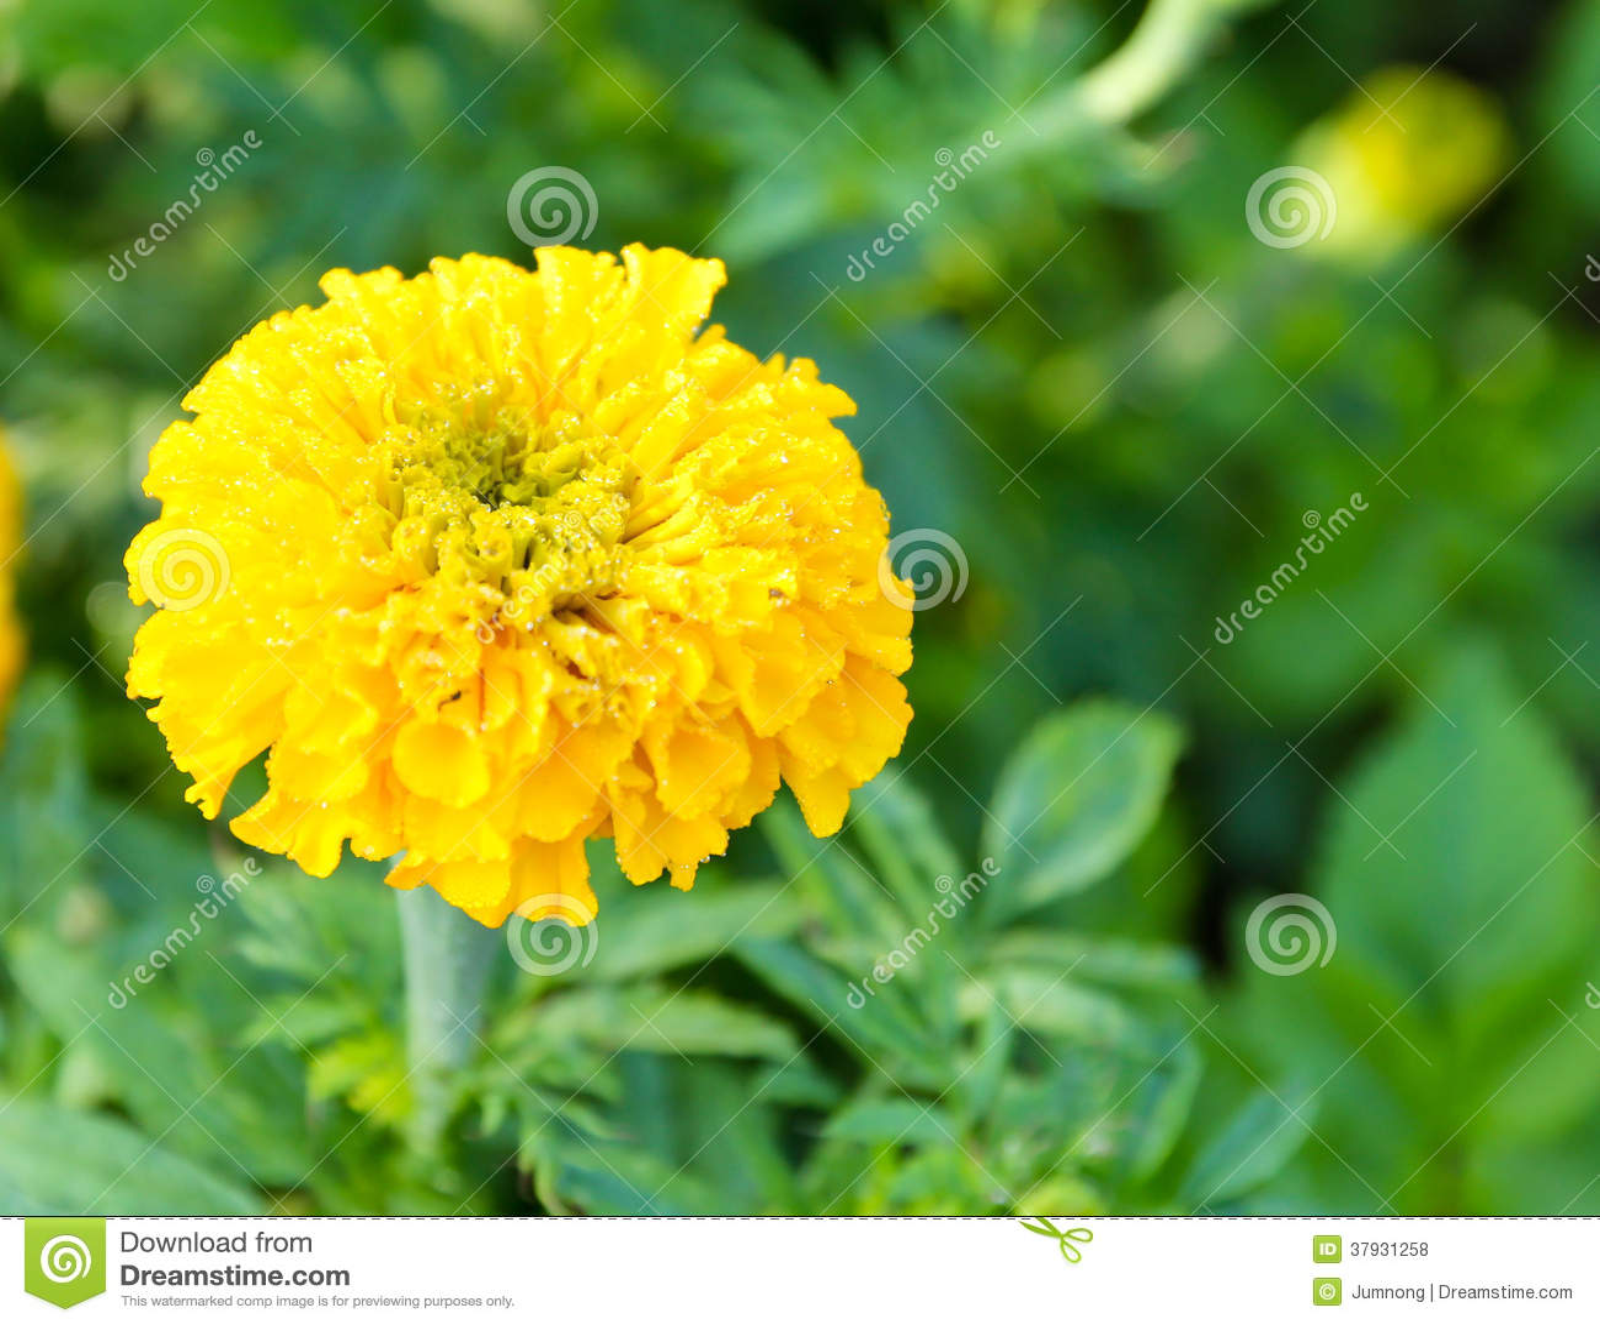 Ringelblume im Blumenbauernhof